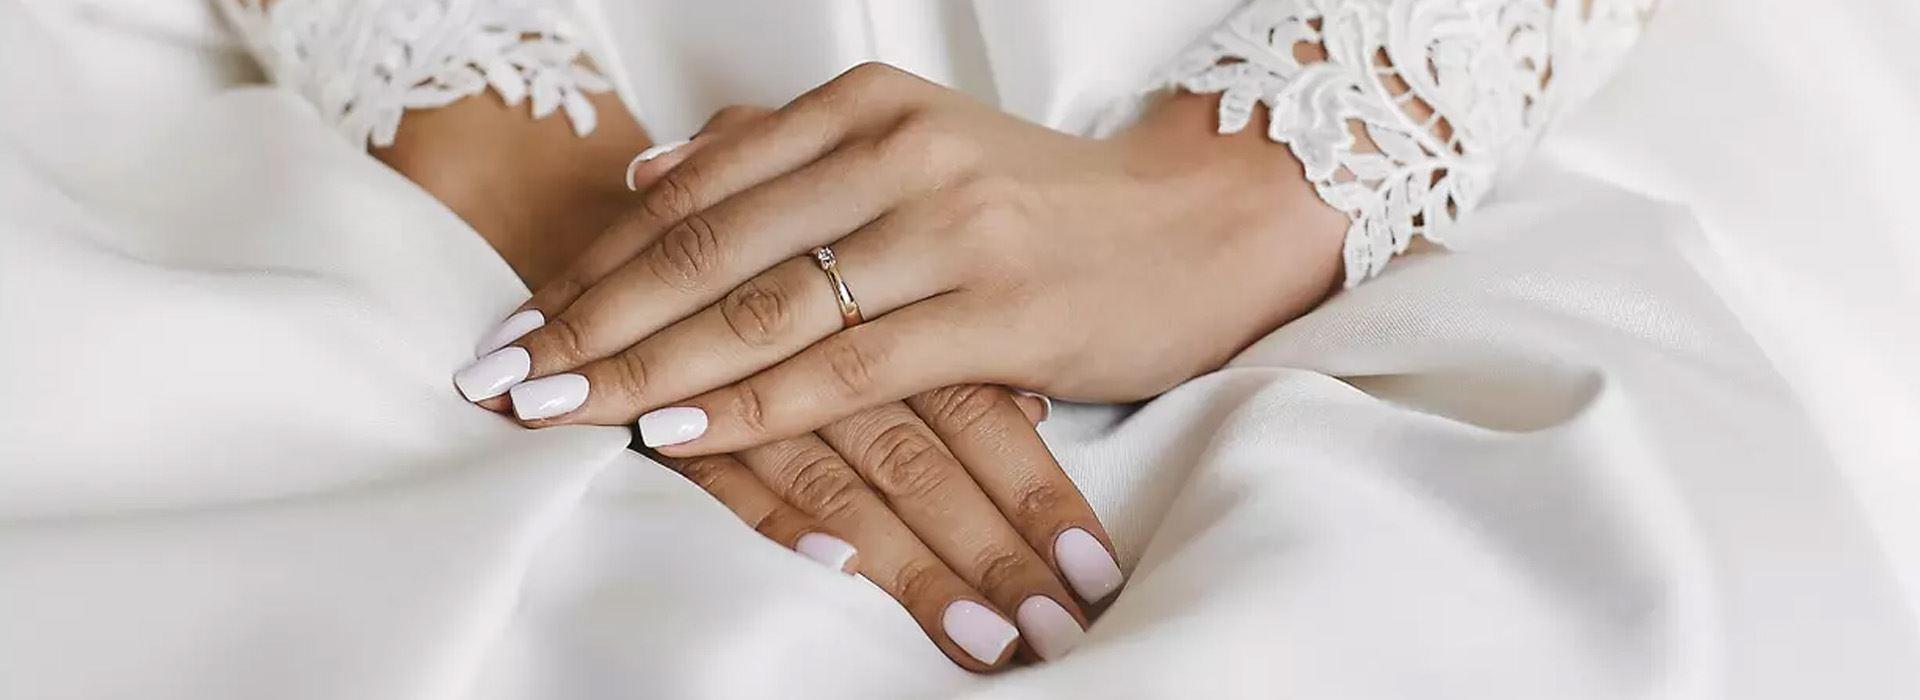 50مدل و طرح ناخن عروس جدید 2021-1400